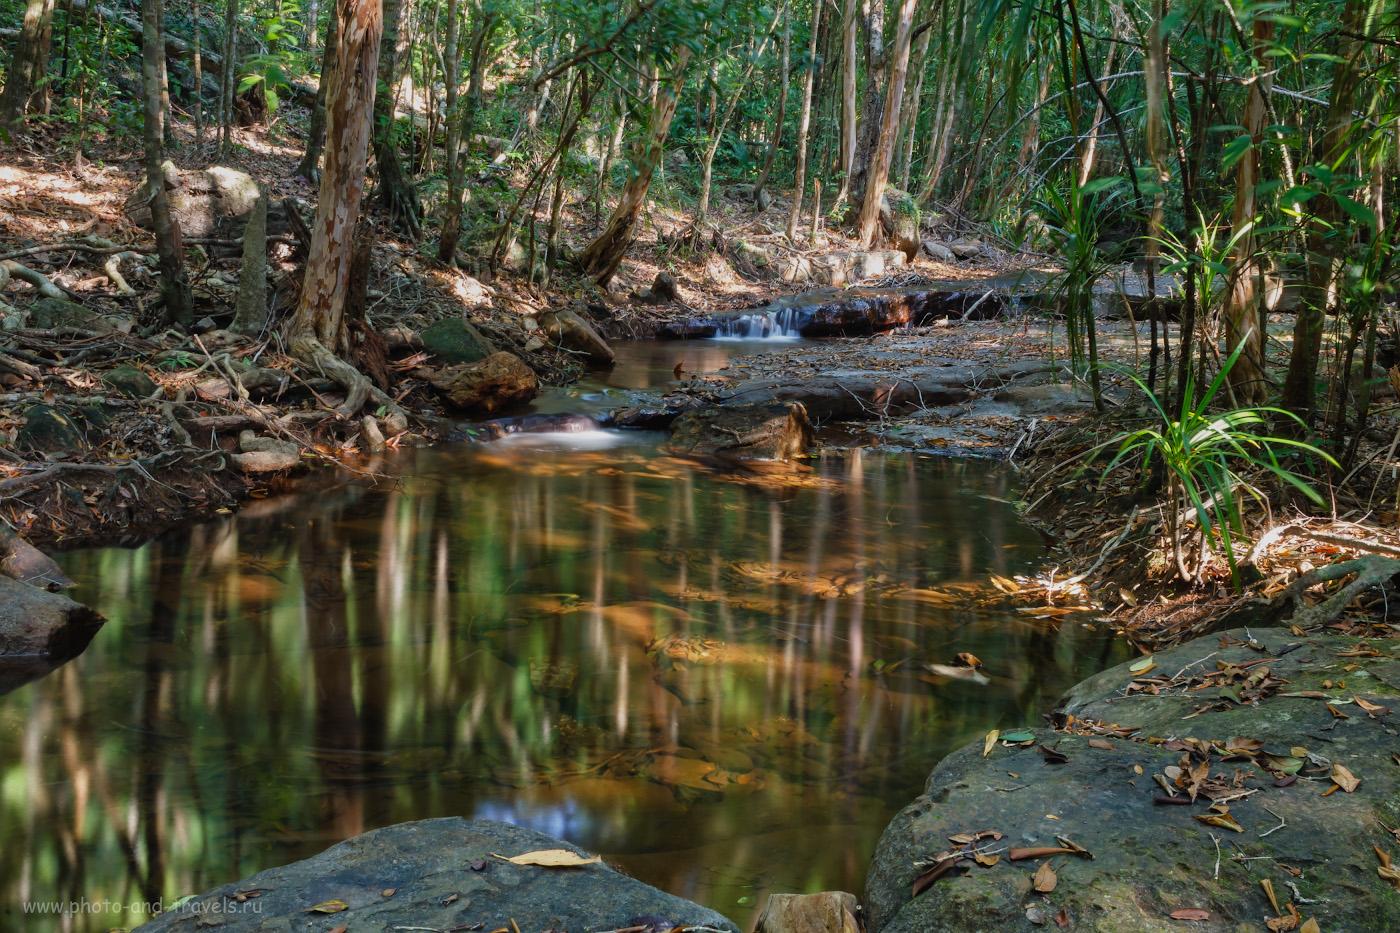 24. На пути к водопаду Суой Трань (Suoi Tranh Waterfalls). Какие достопримечательности посетить, отдыхая во Вьетнаме. 15.0, 22.0, 100, +0.33, 80